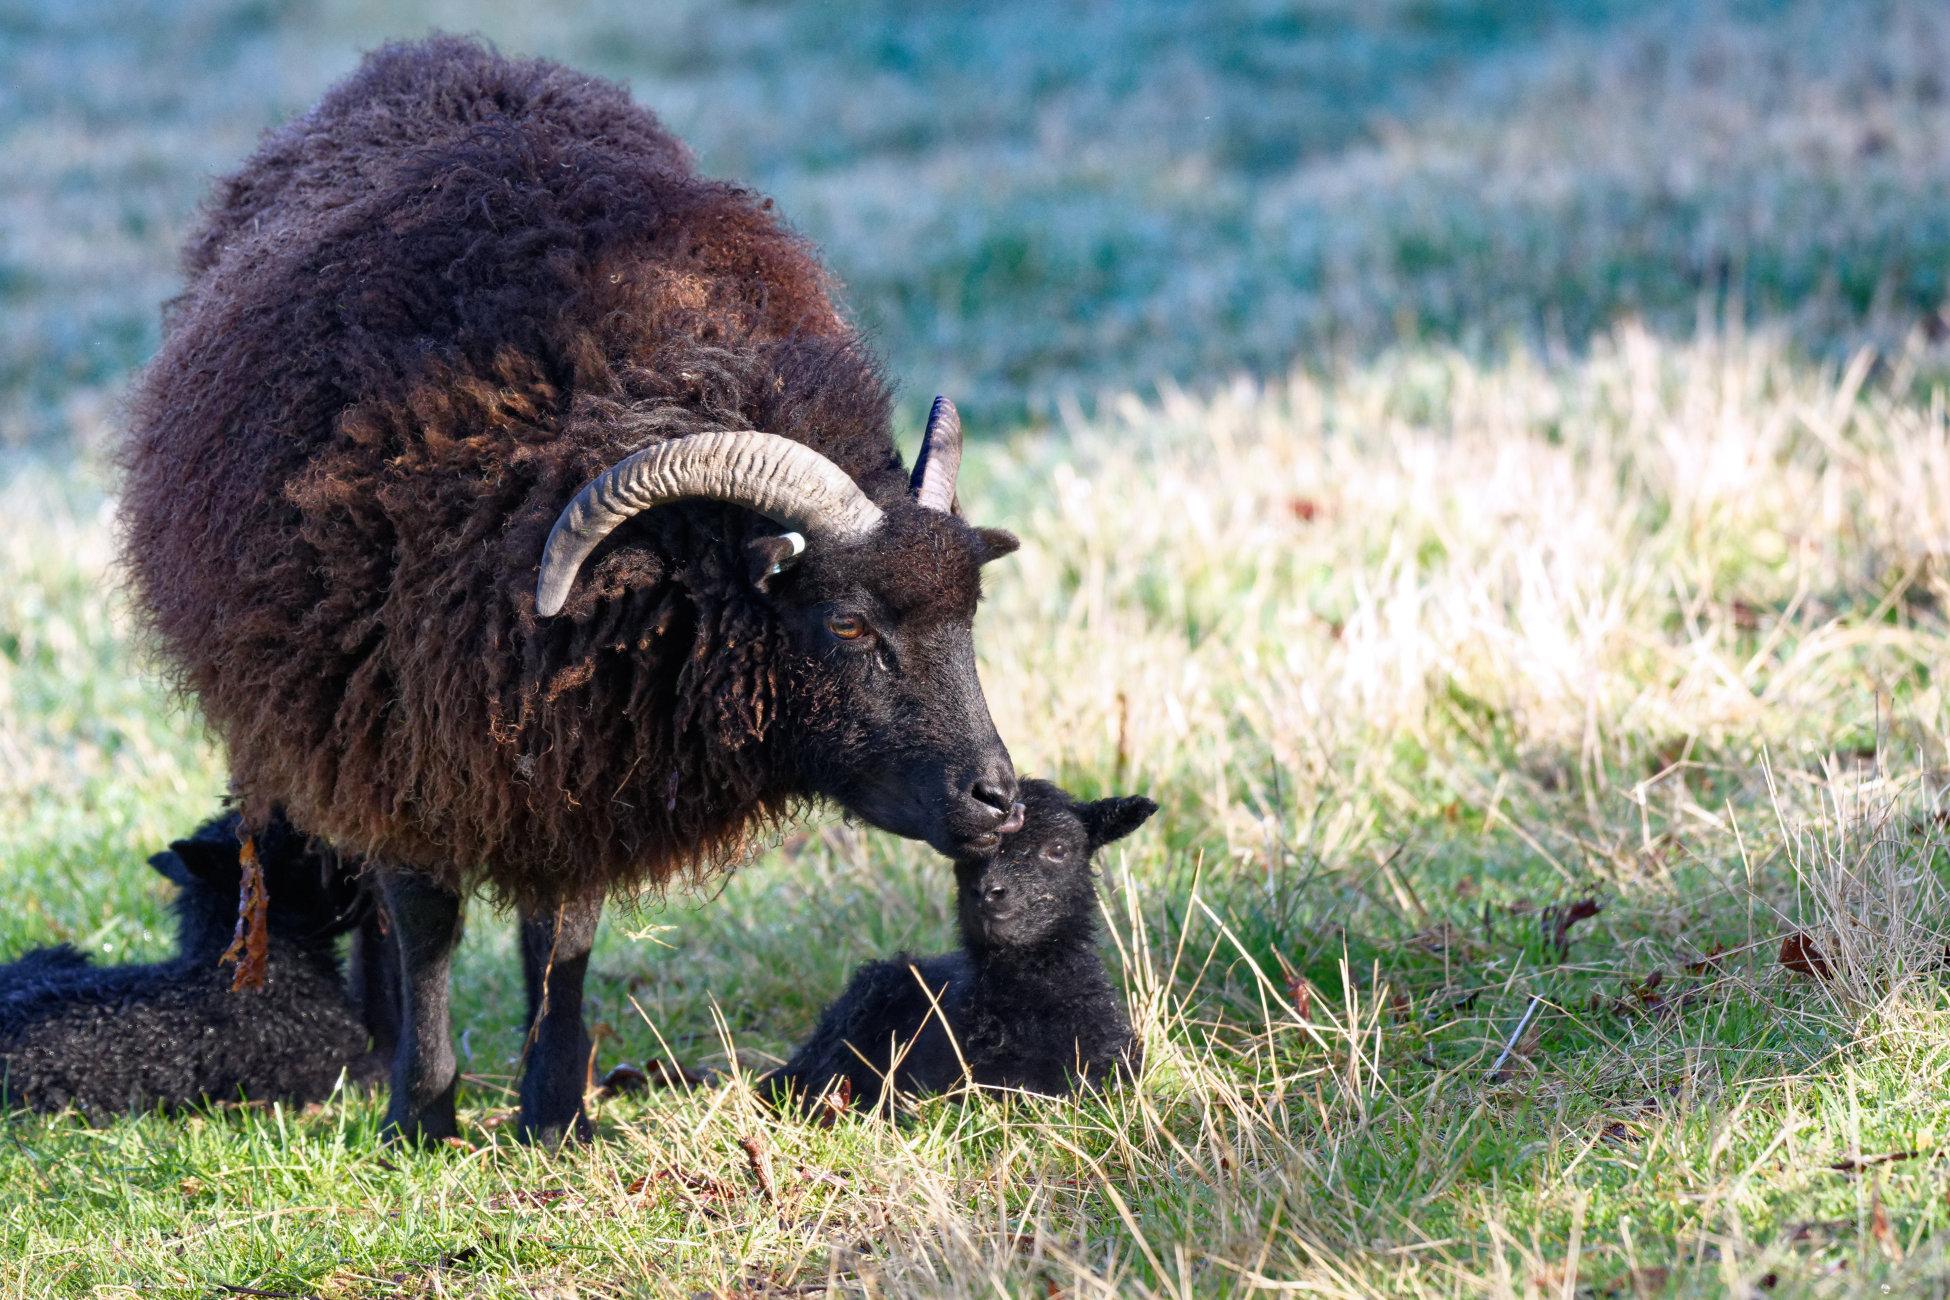 New born Hebridean lamb's